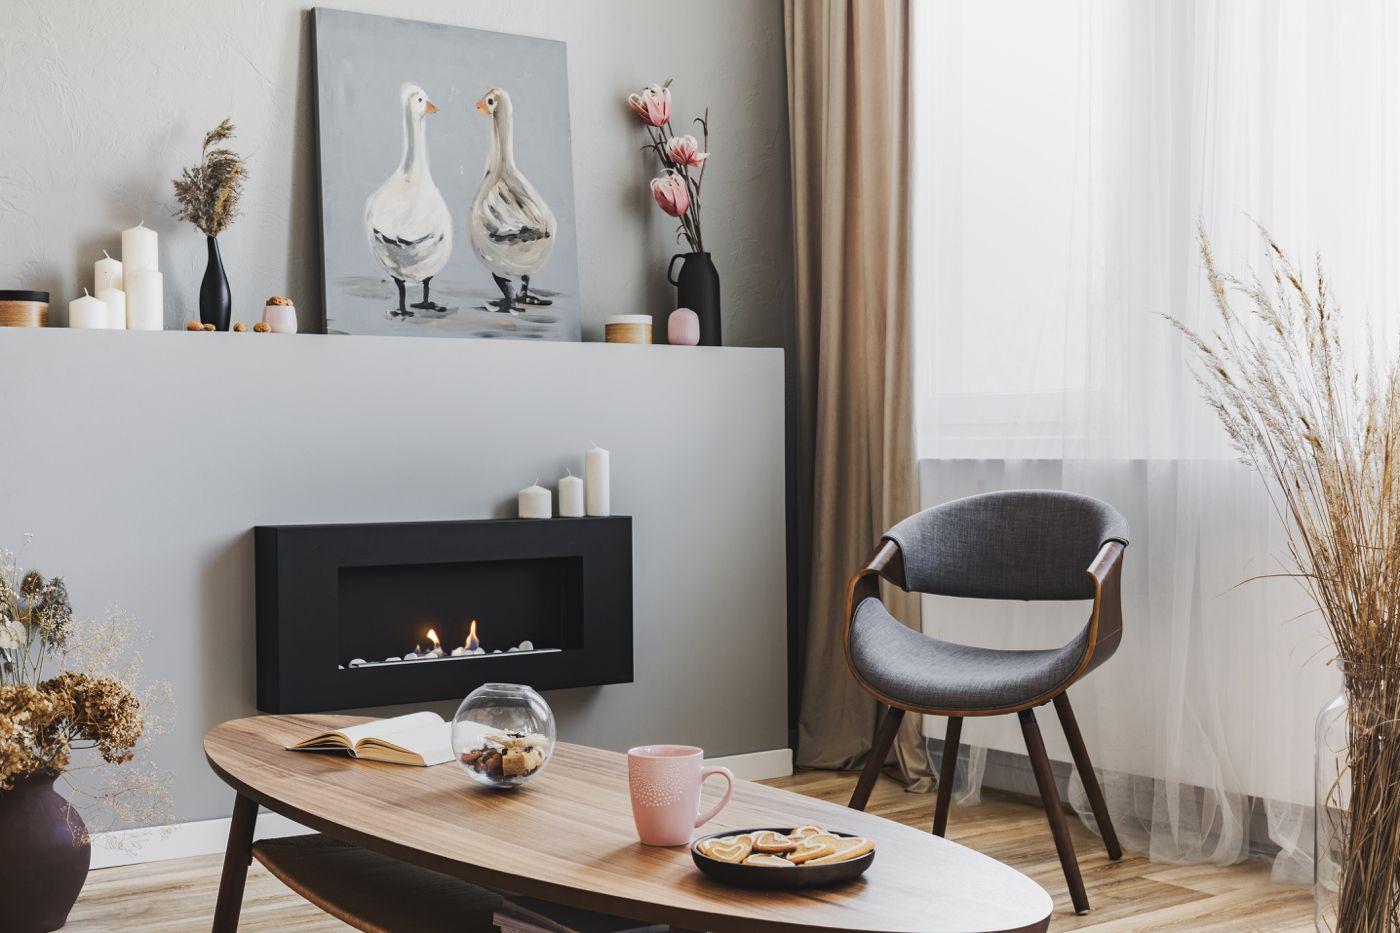 Mobel Online Kaufen Kleines Wohnzimmer Mit Gaskamin Und Designer Sessel Im Retro Wohnstil Einrichten Elegantes Wohnzimmer Mobel Online Kaufen Online Mobel